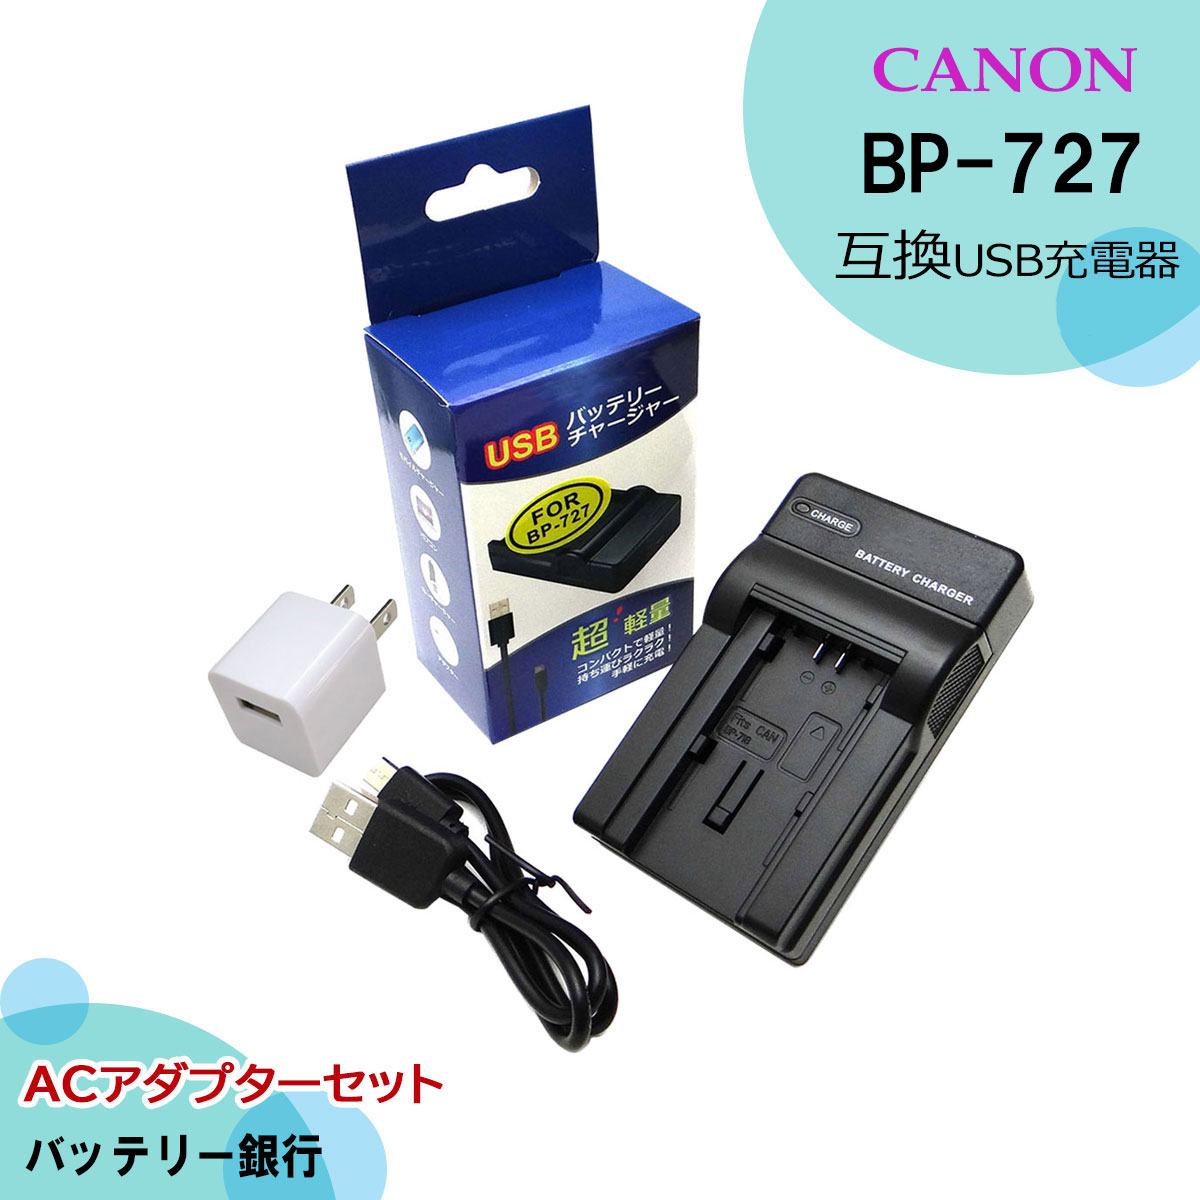 ★コンセント充電可能★メーカー純正互換電池ともに対応 キャノン BP-709 / BP-727 互換充電器CG-700 iVIS HF M52 / iVIS HF M51 / iV